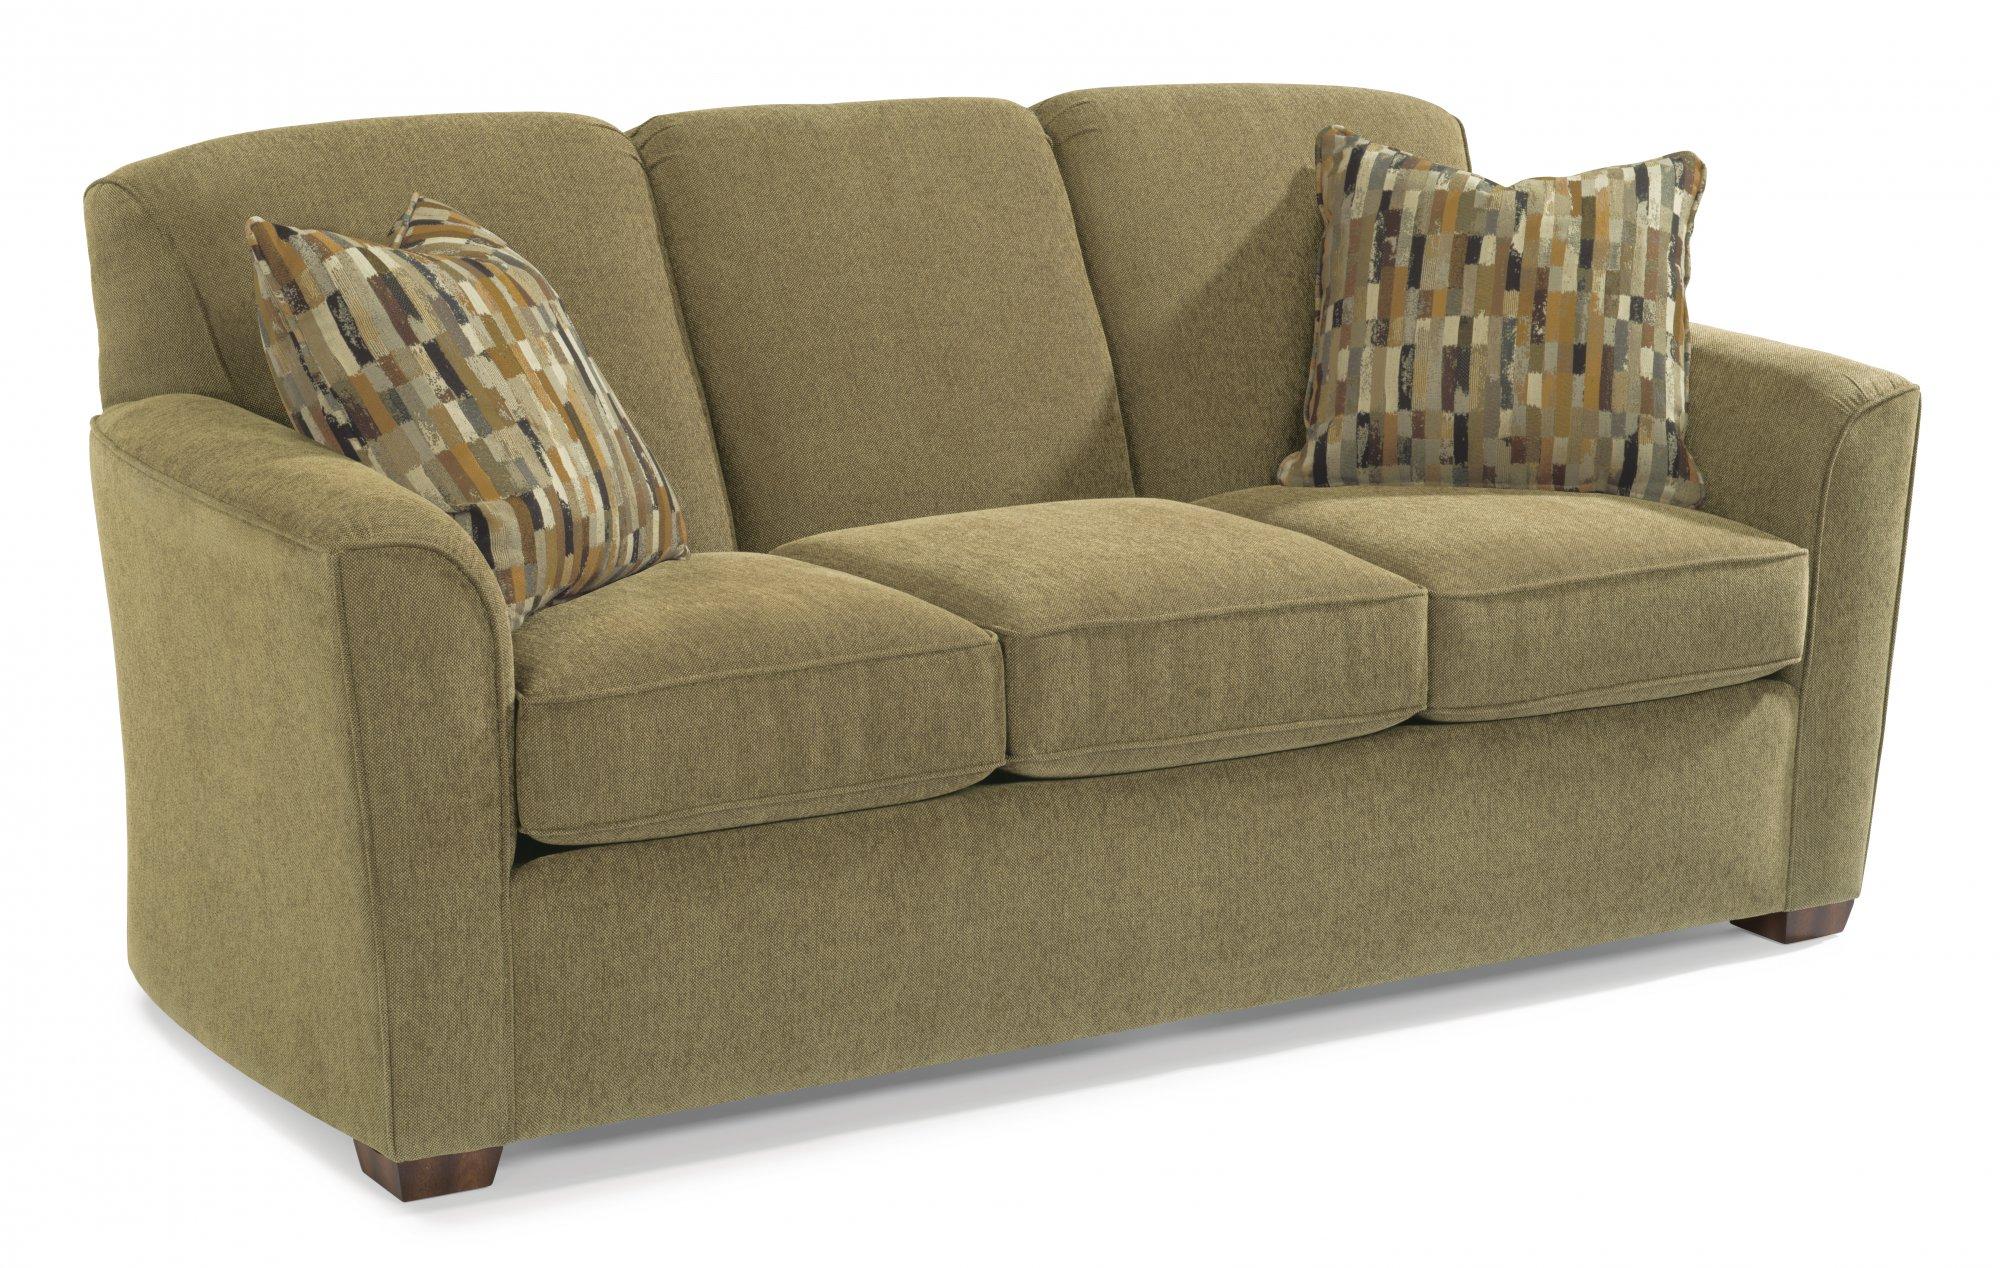 Flexsteel Lakewood  Fabric Queen Sleeper